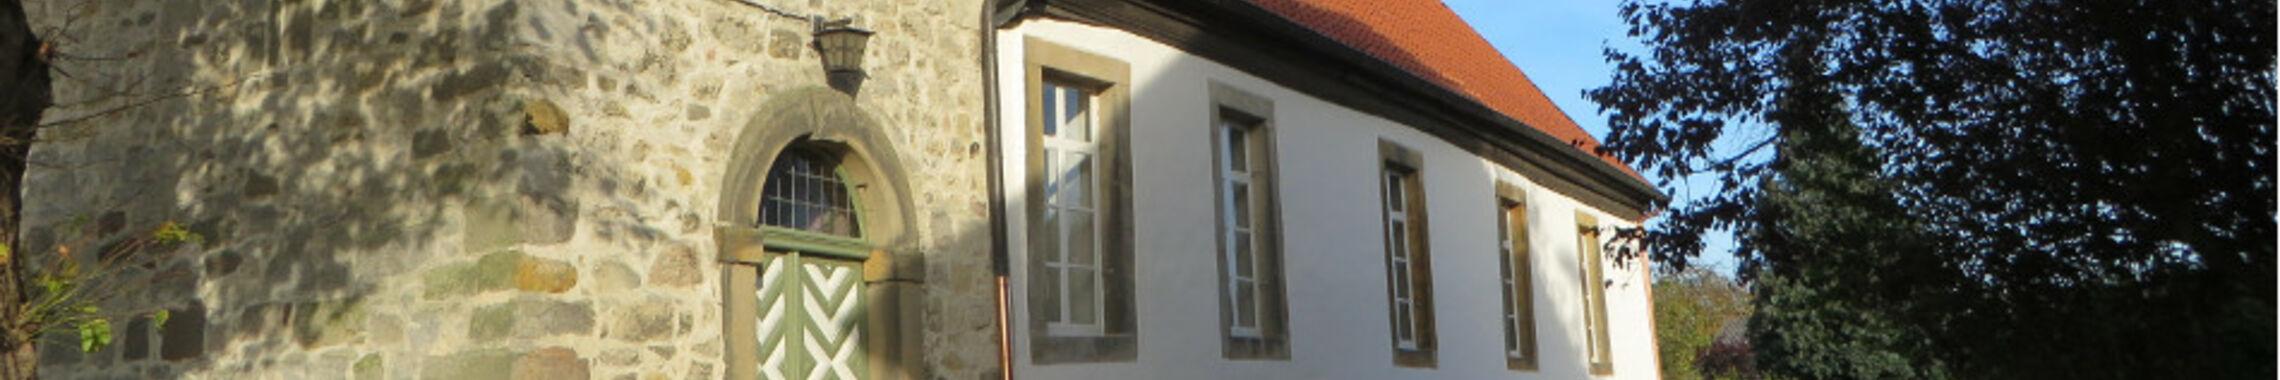 header-hackenstedtkirche-web-img_1610